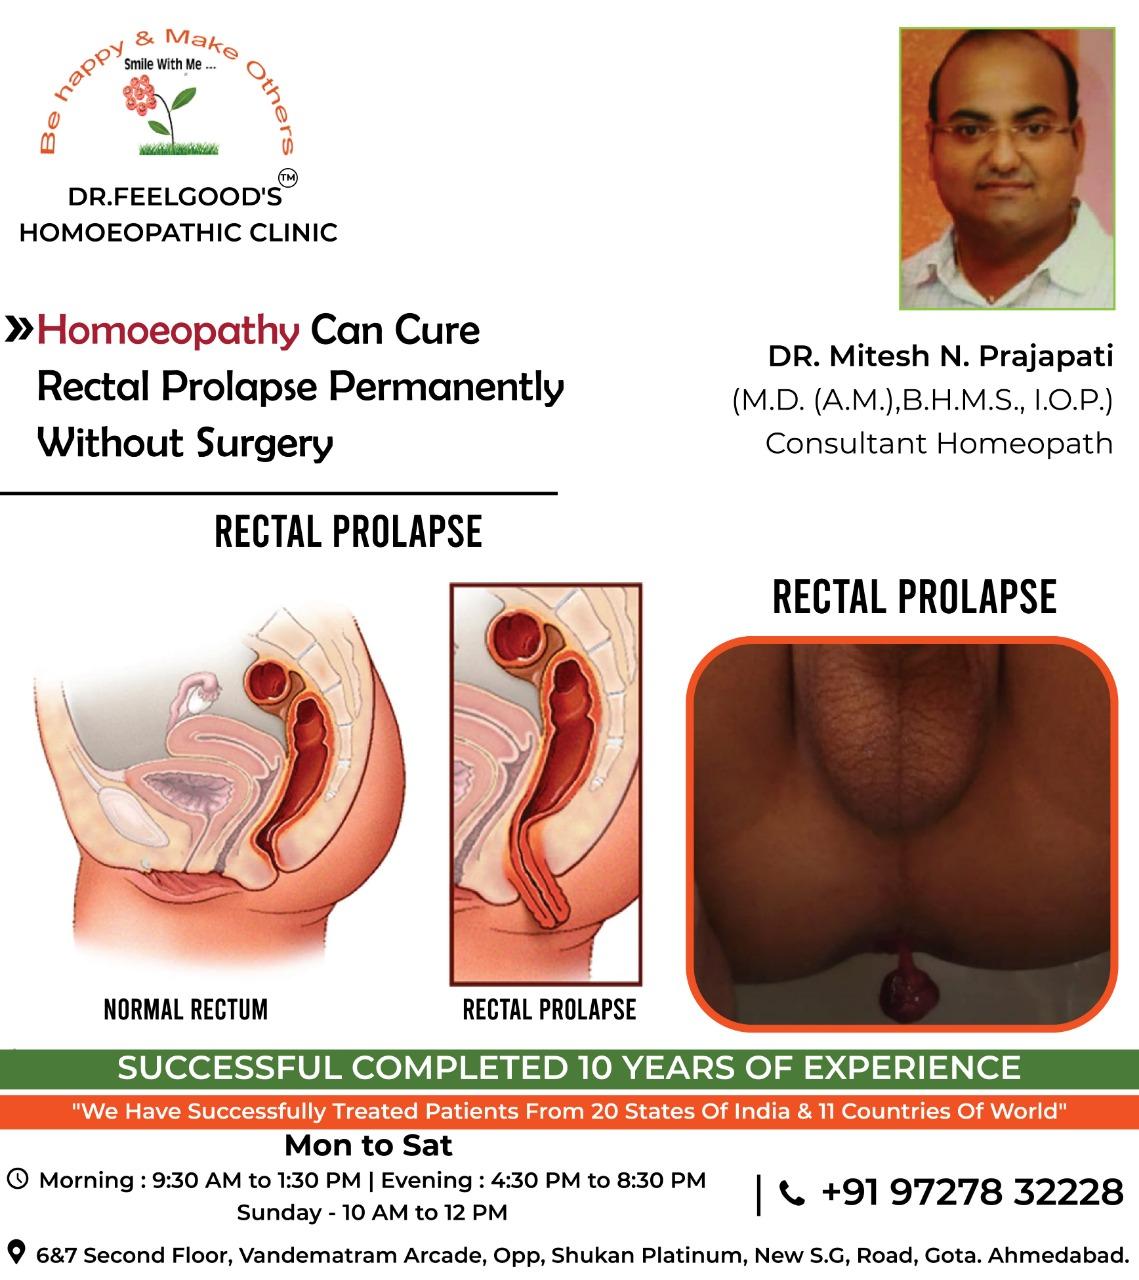 RECTAL PROLAPSE CUERD BY DR.MITESH PRAJAPATI